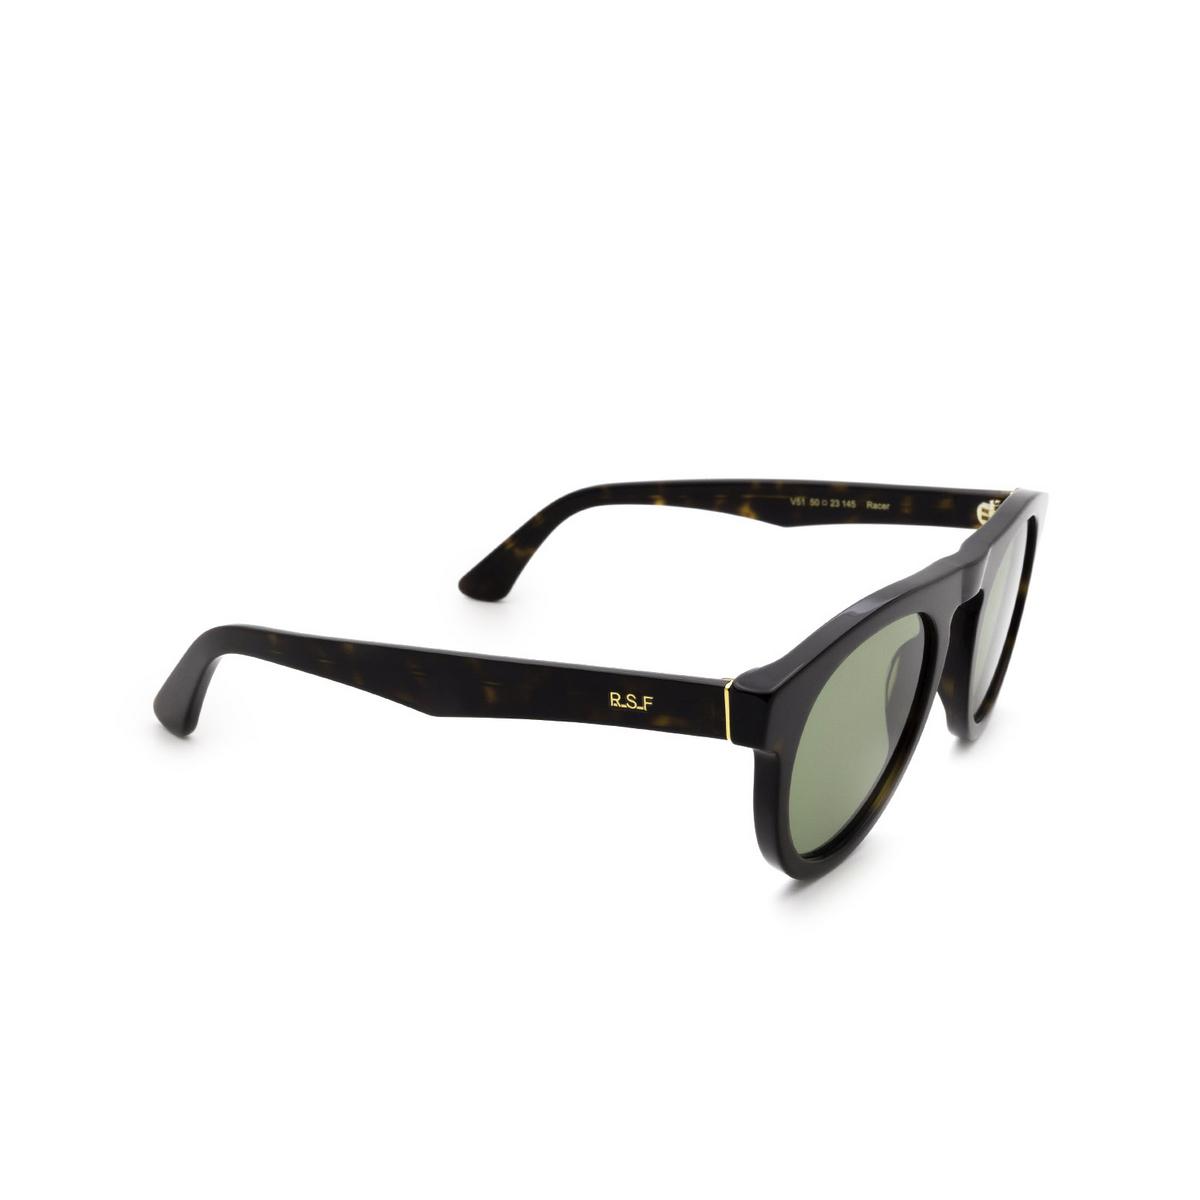 Retrosuperfuture® Round Sunglasses: Racer color 3627 V51 - three-quarters view.